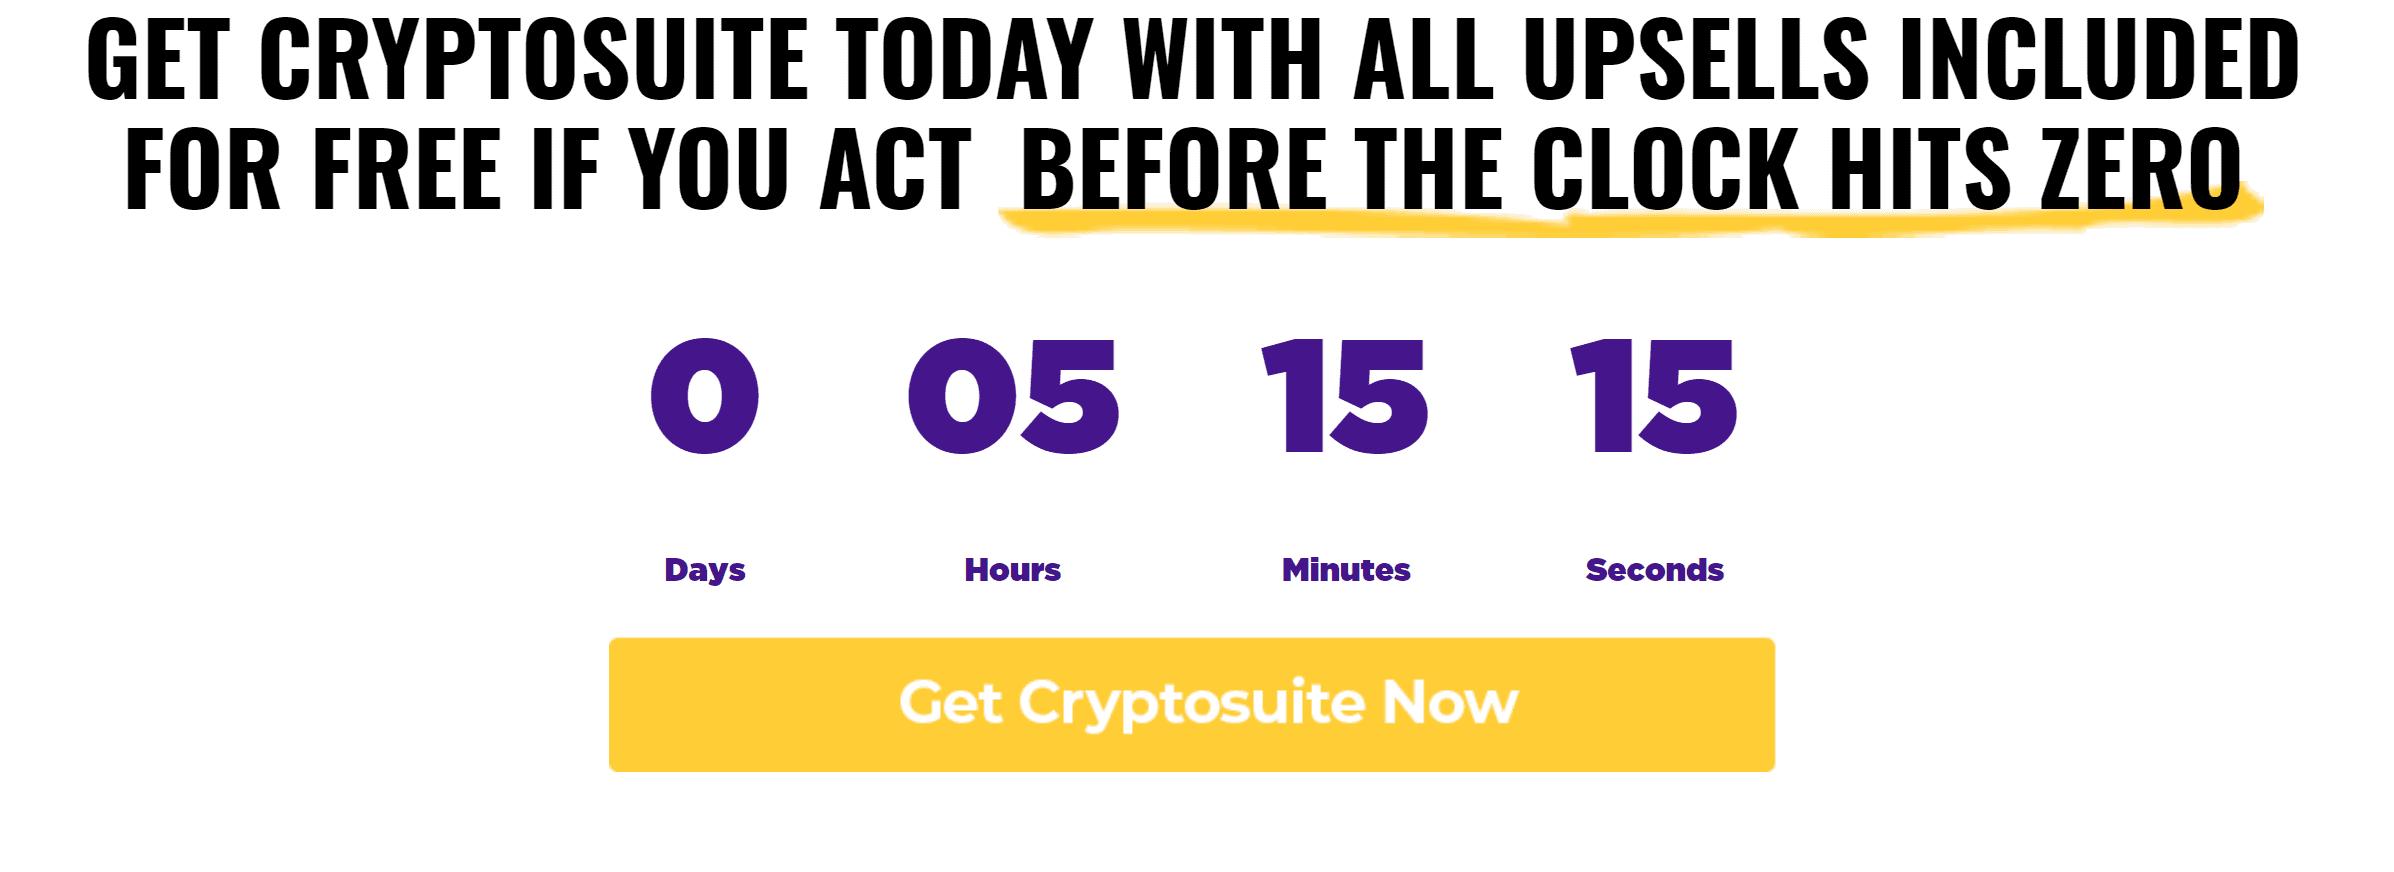 Cryptosuite Review software bonus discount